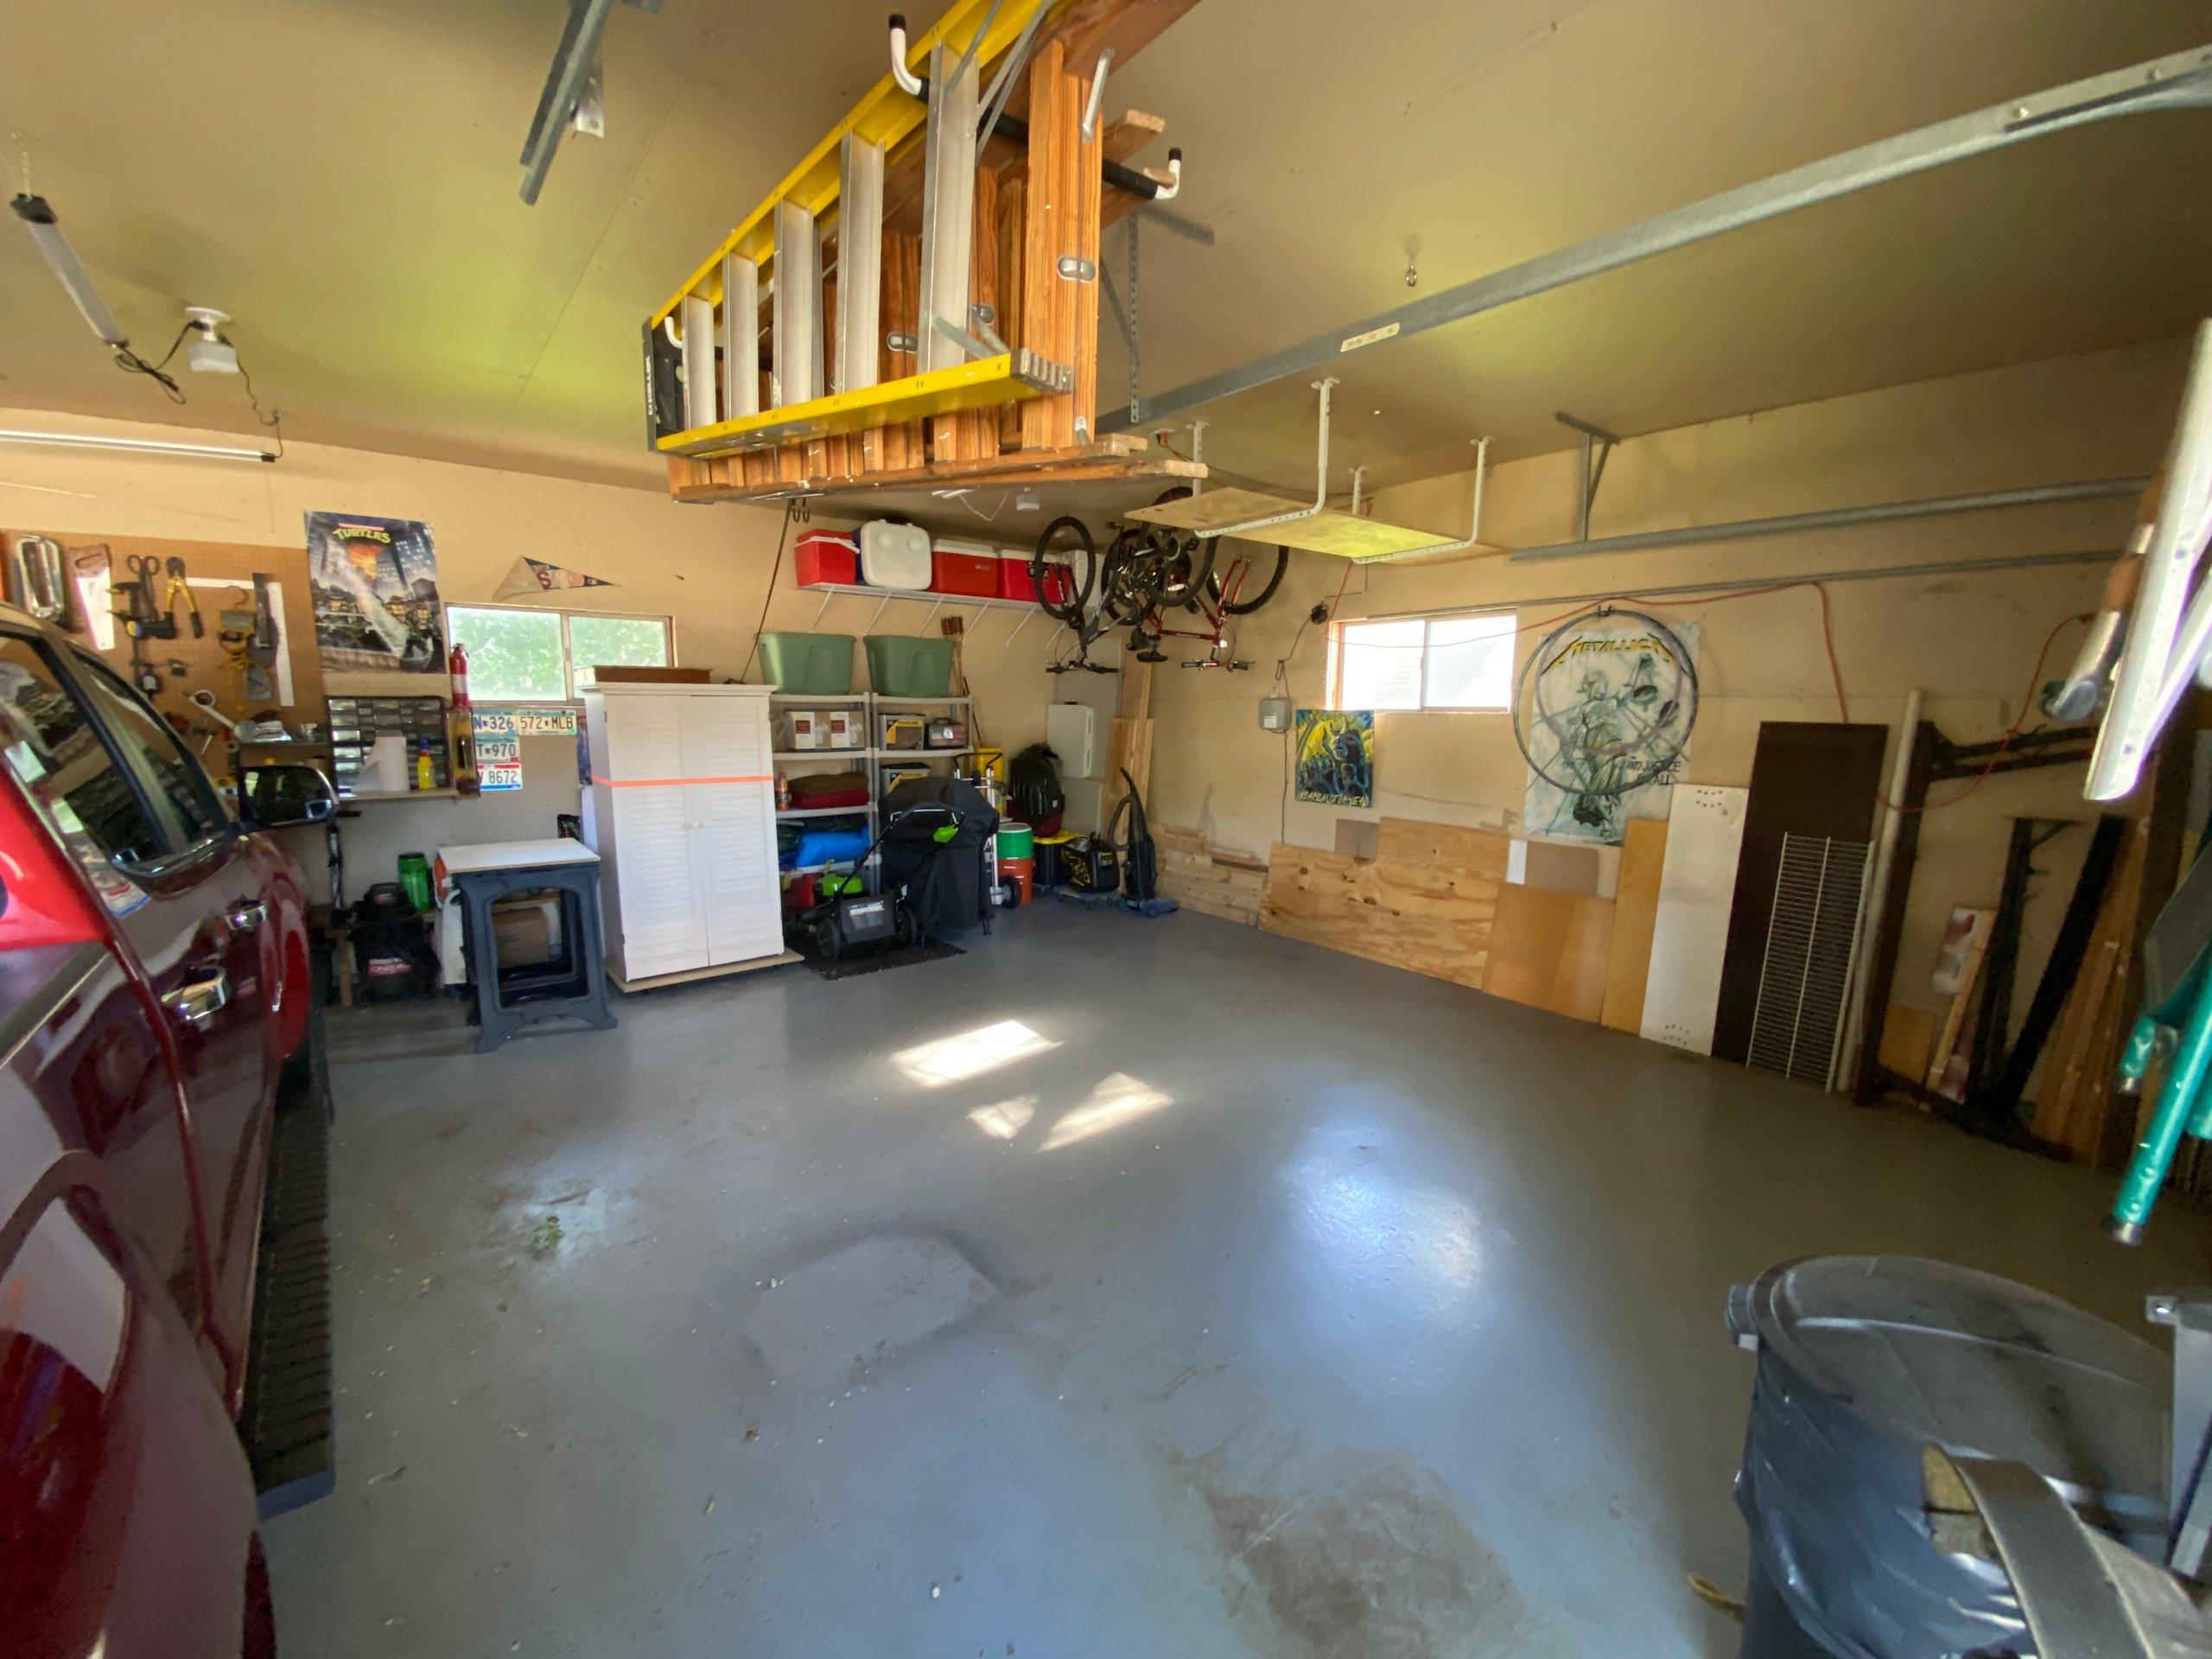 18x9 Garage self storage unit